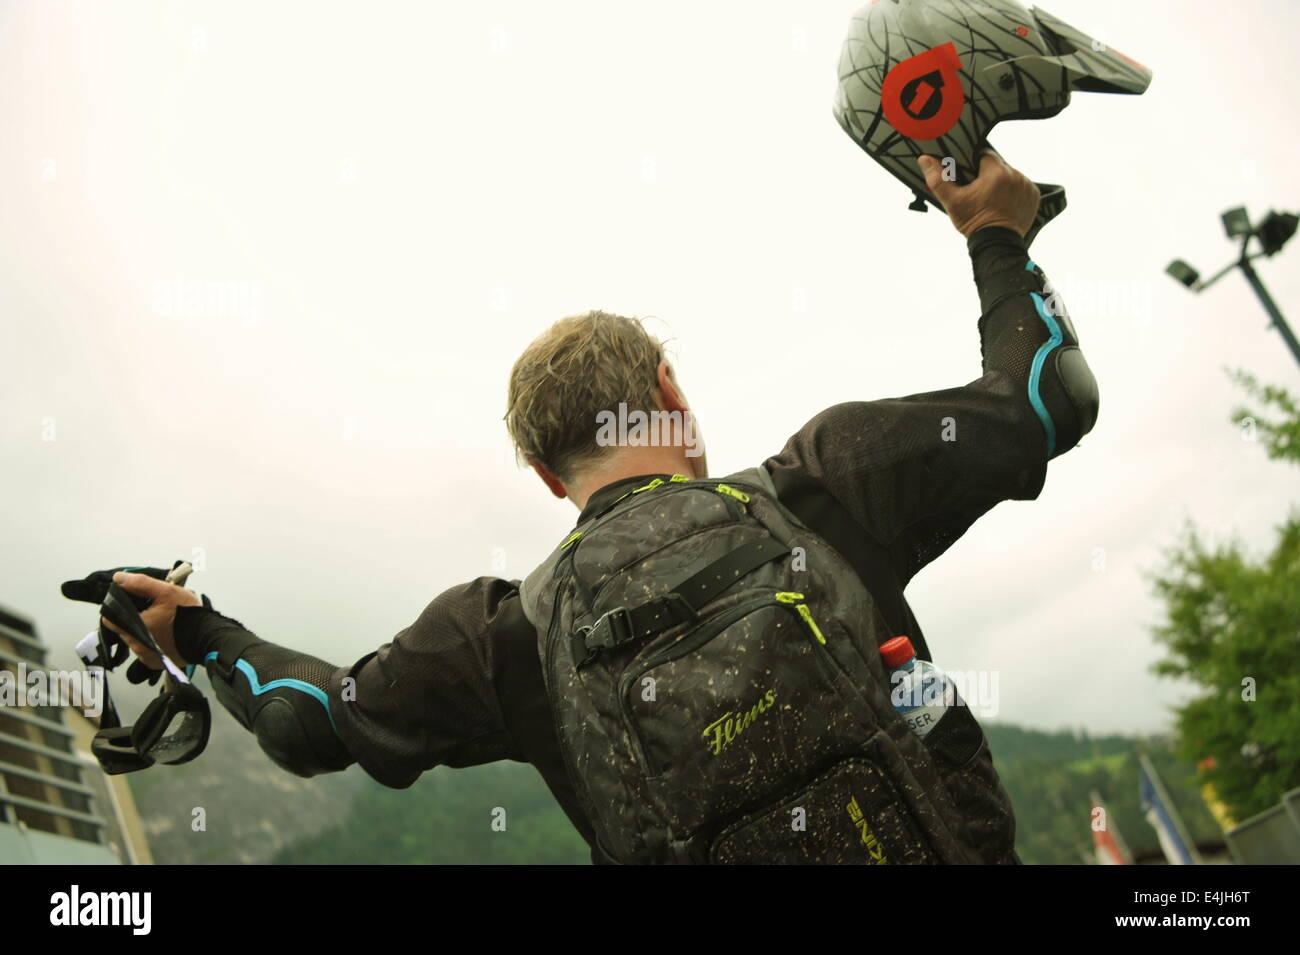 Siegesfeier nach 6 km Mountainbiking auf dem Runcatrail, Flims, Schweiz. - Stock Image